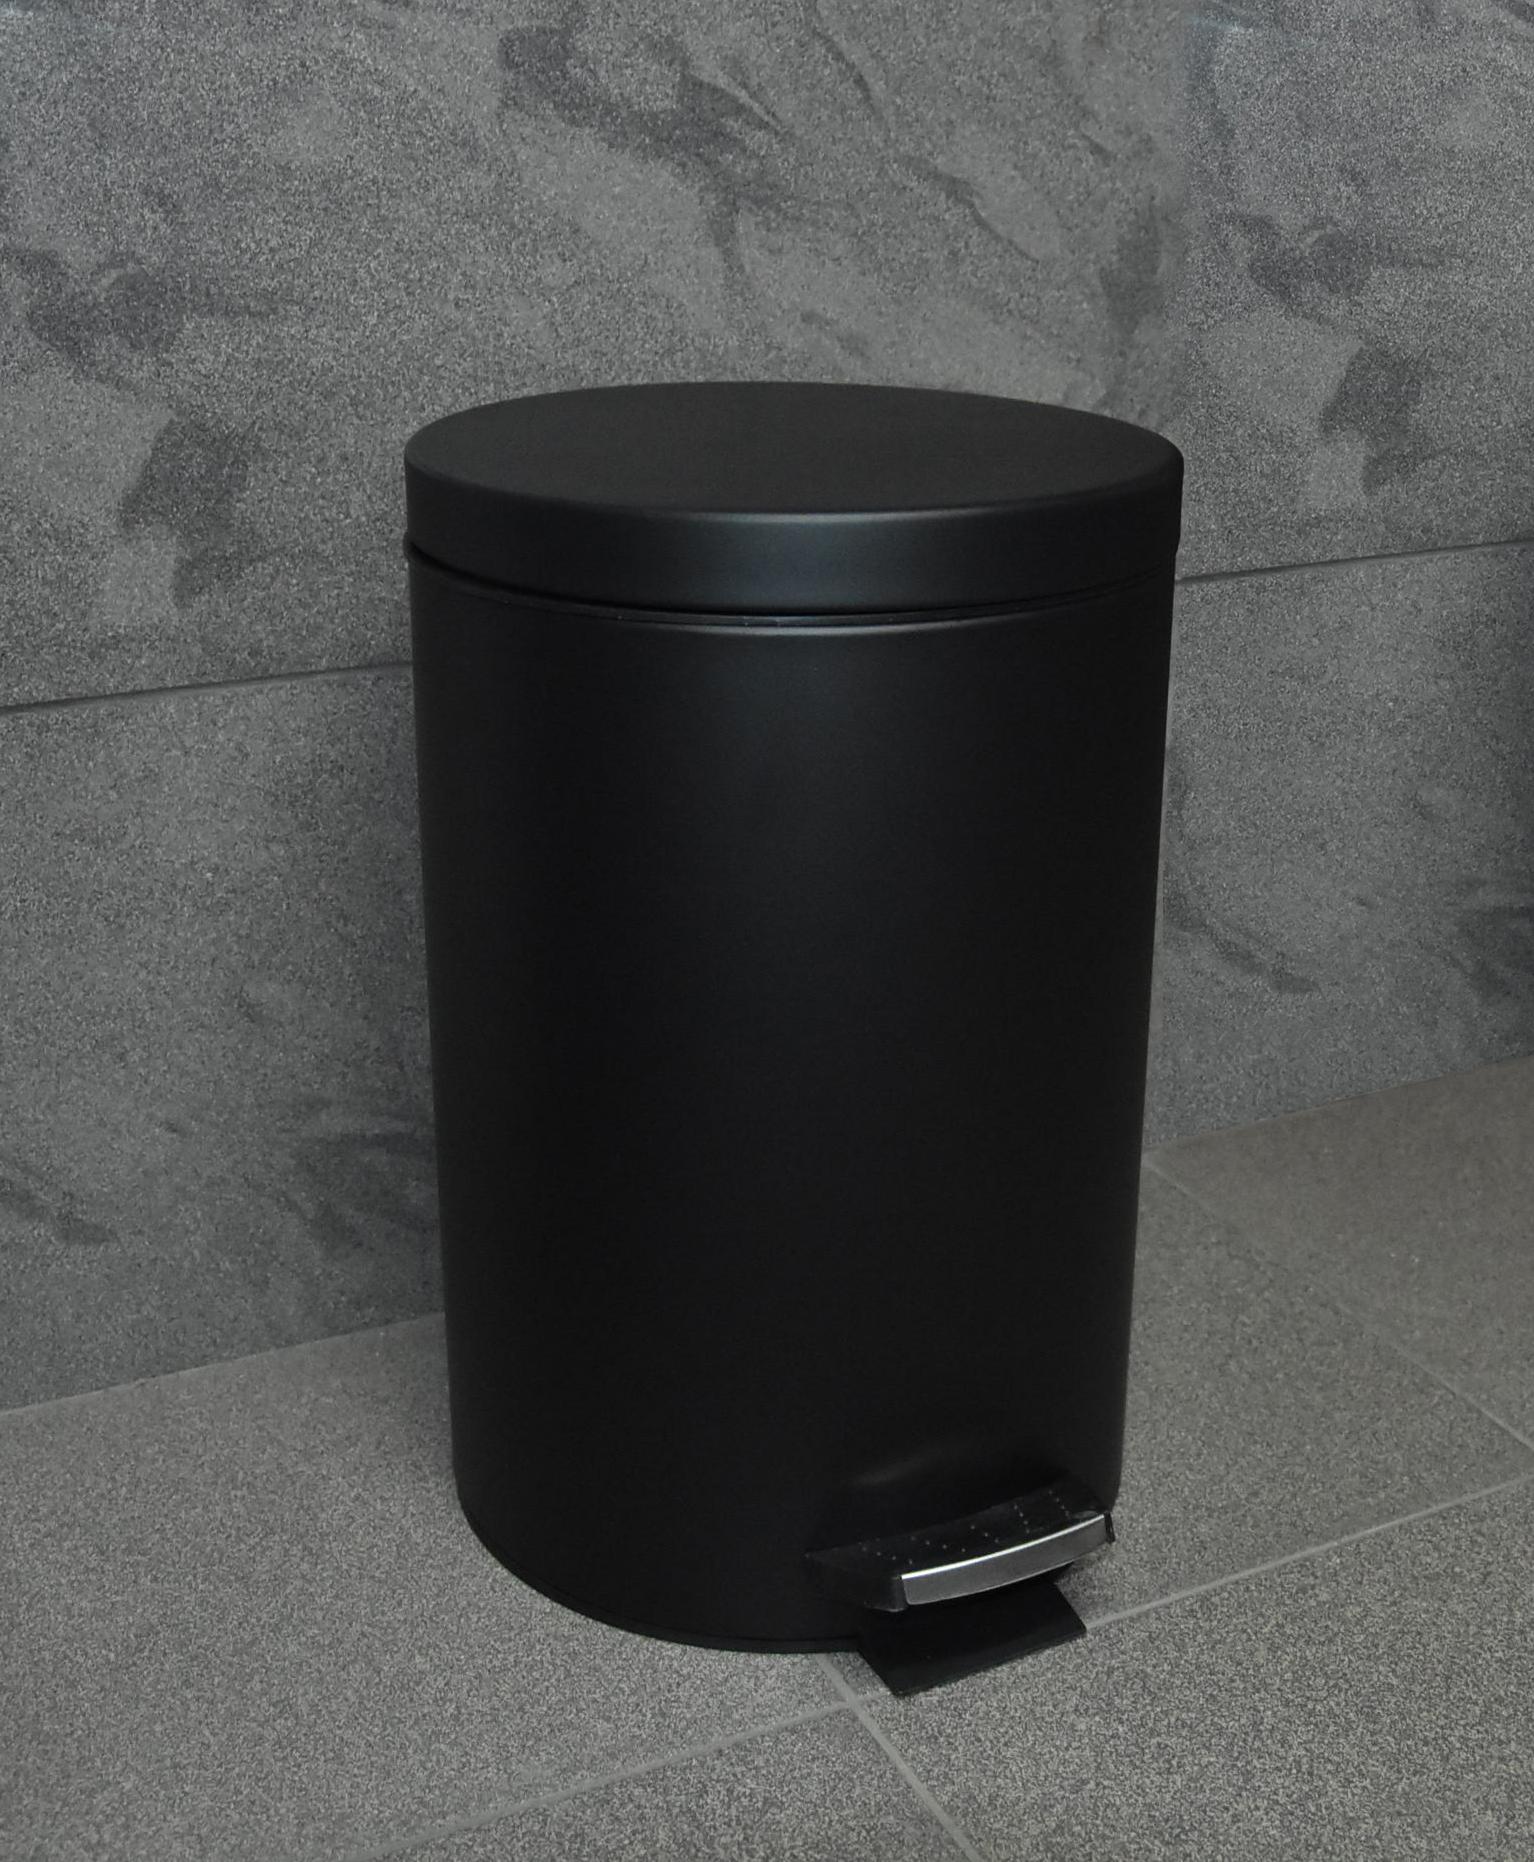 Kosz Na śmieci łazienkowy Czarny 5l Pedałowy